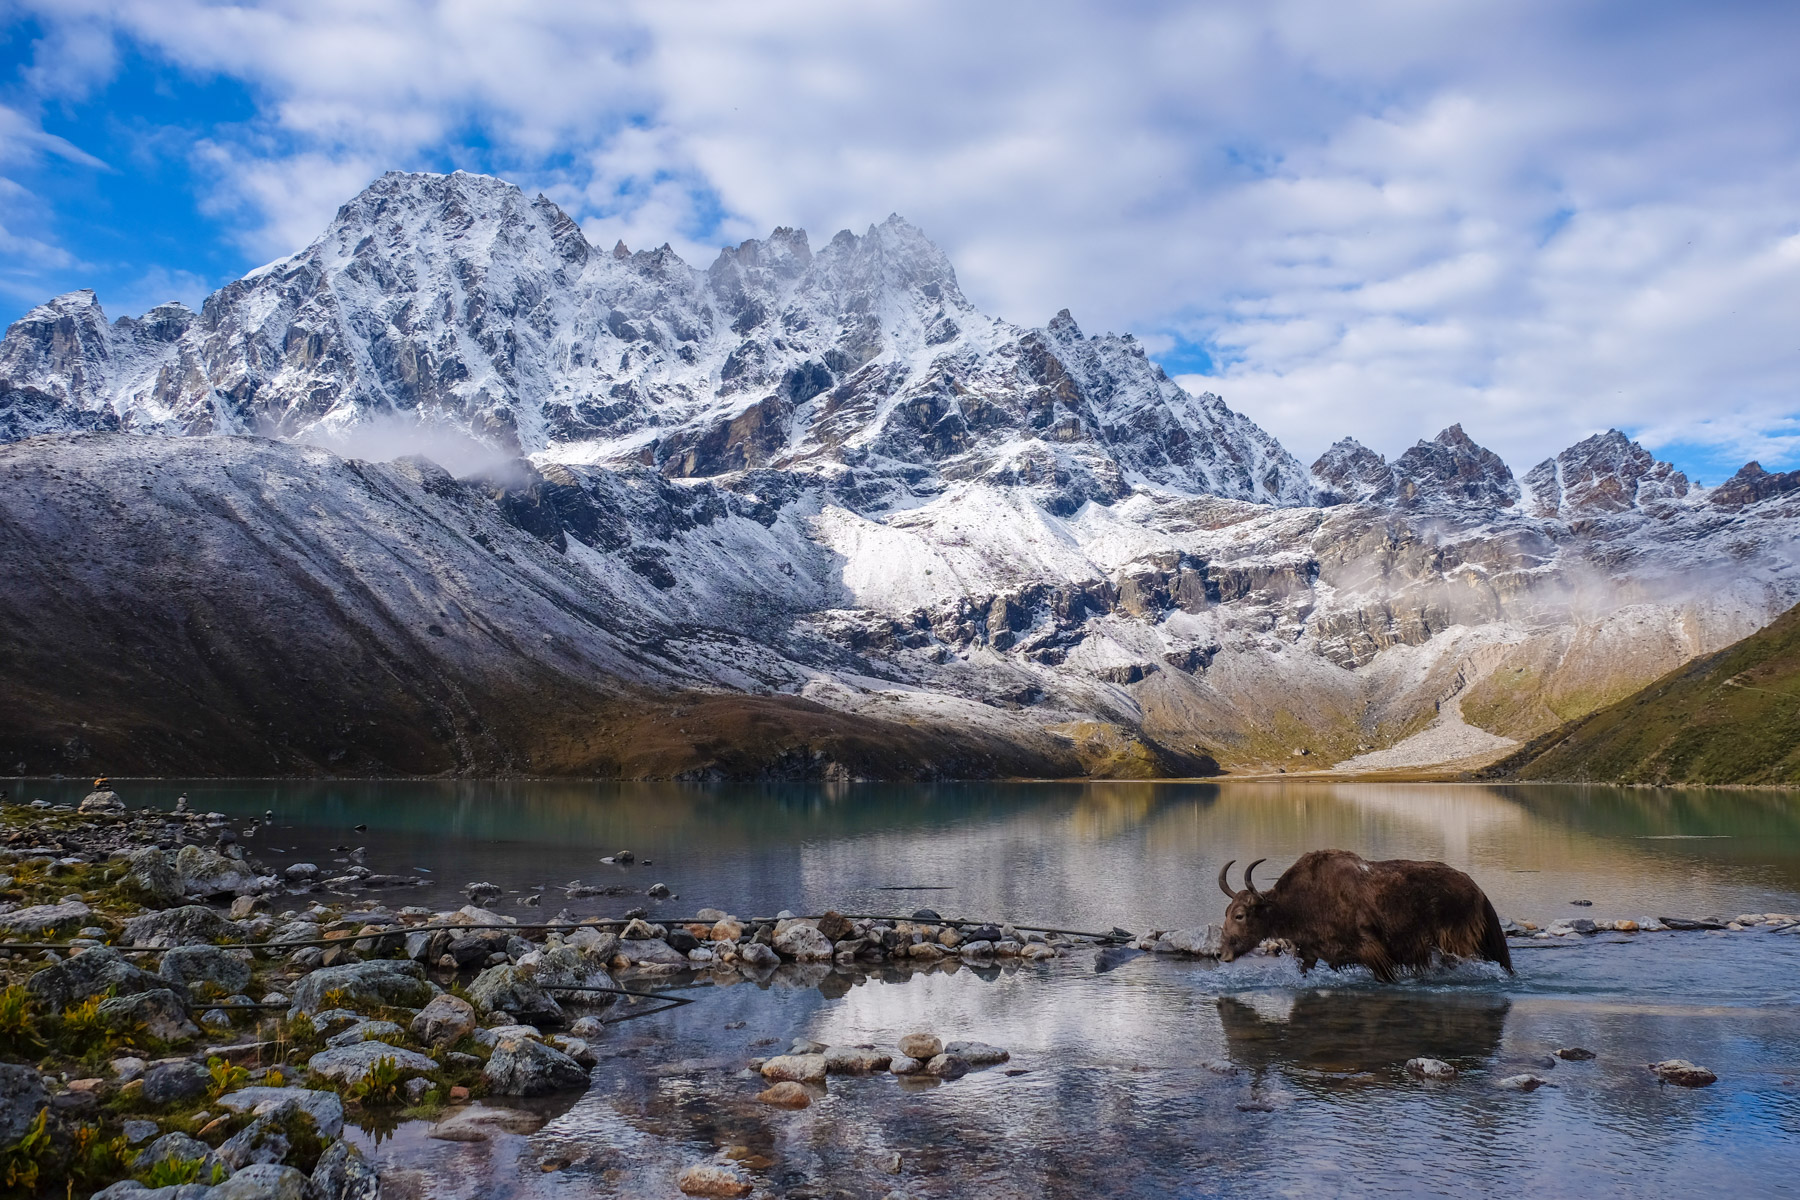 2019-09-23_05-19-54 (Everest 3 pass)